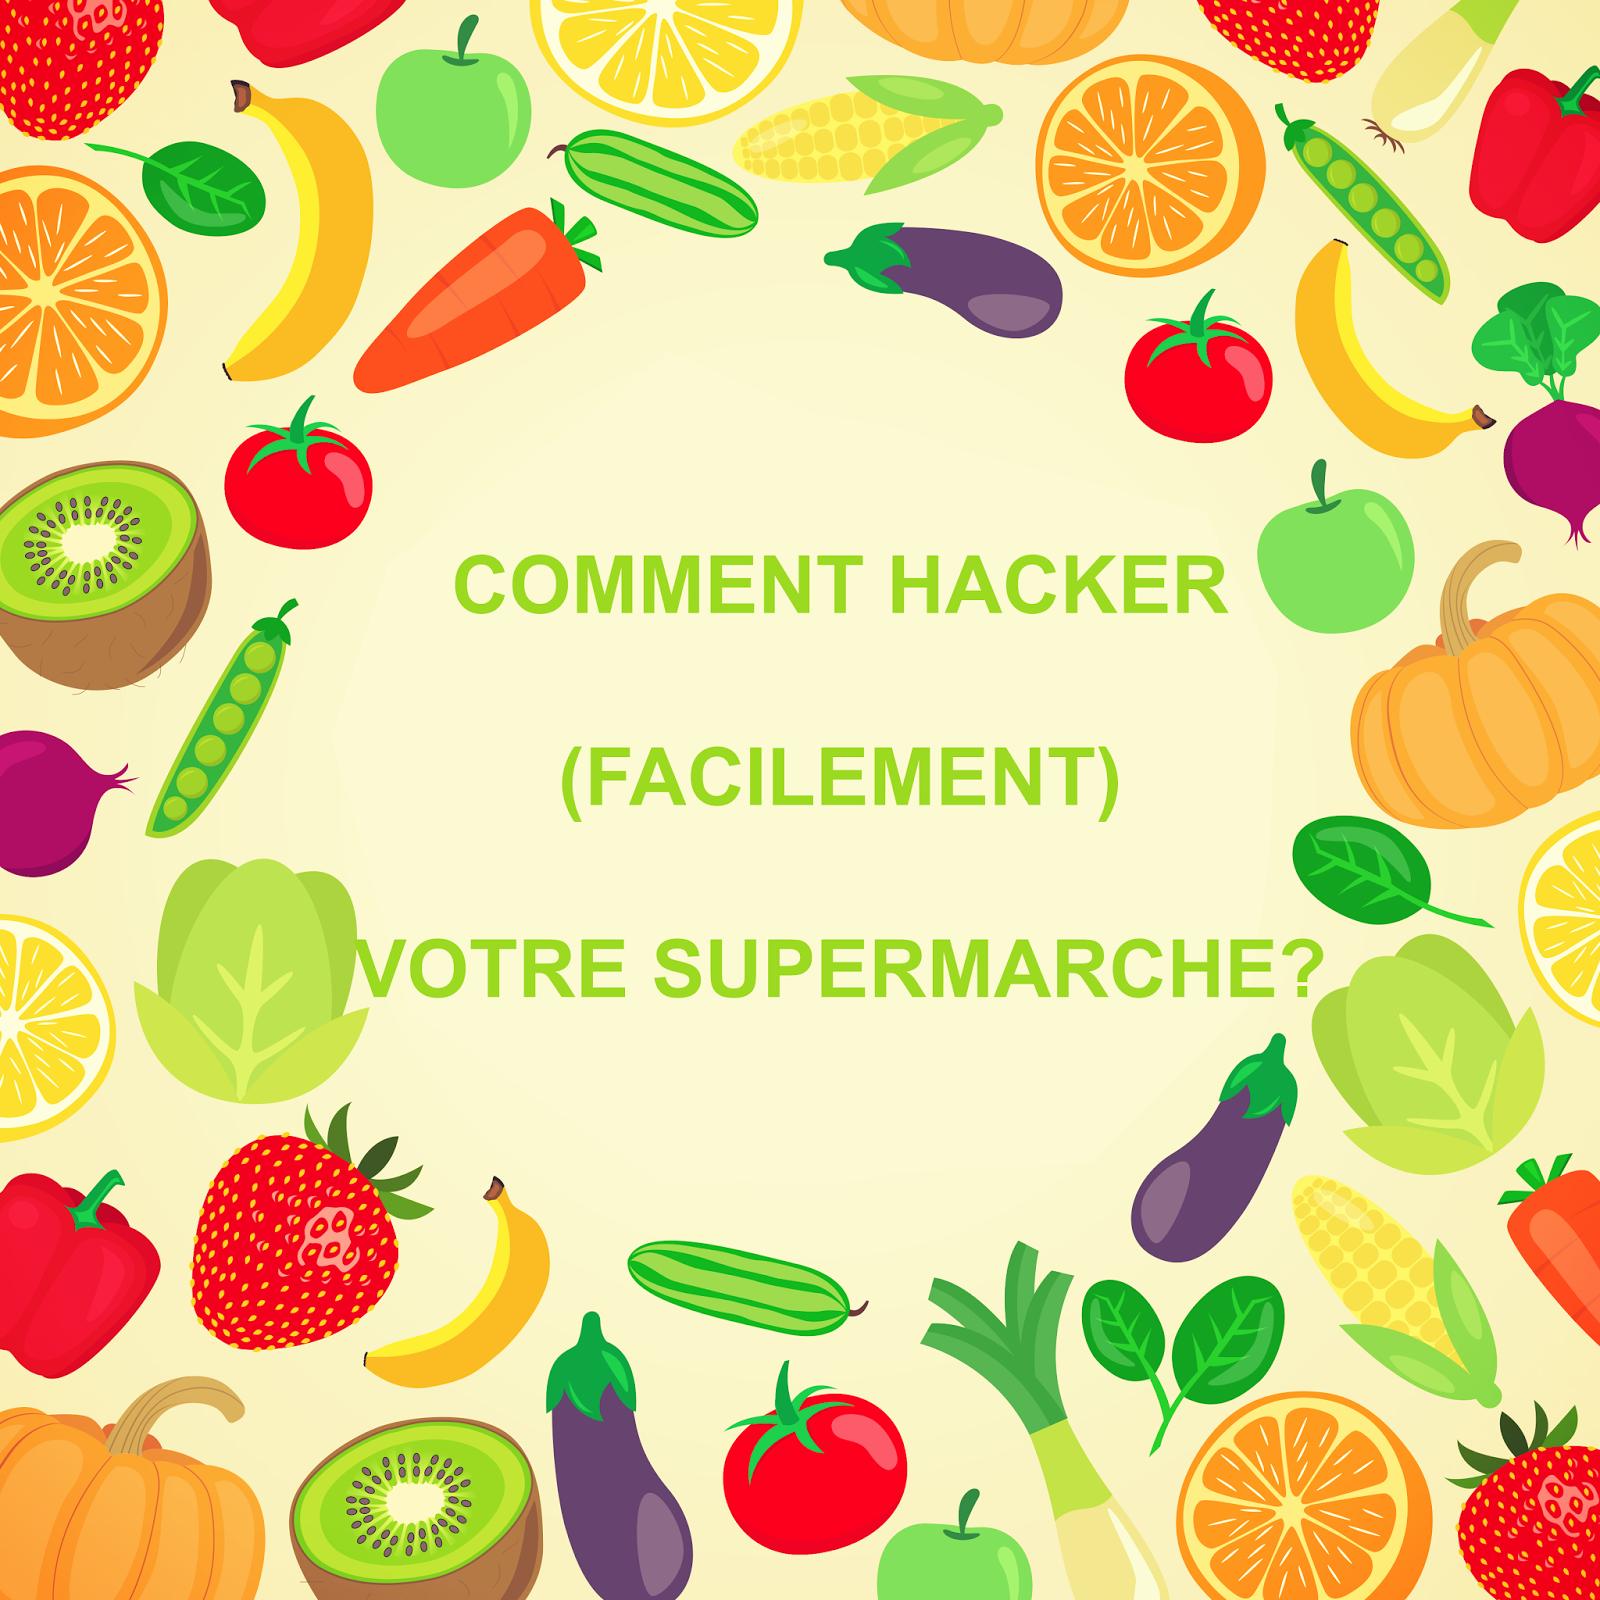 Carotte Bleue se rapportant à comment hacker votre supermarché ?! | planète bleue, vibrations vertes